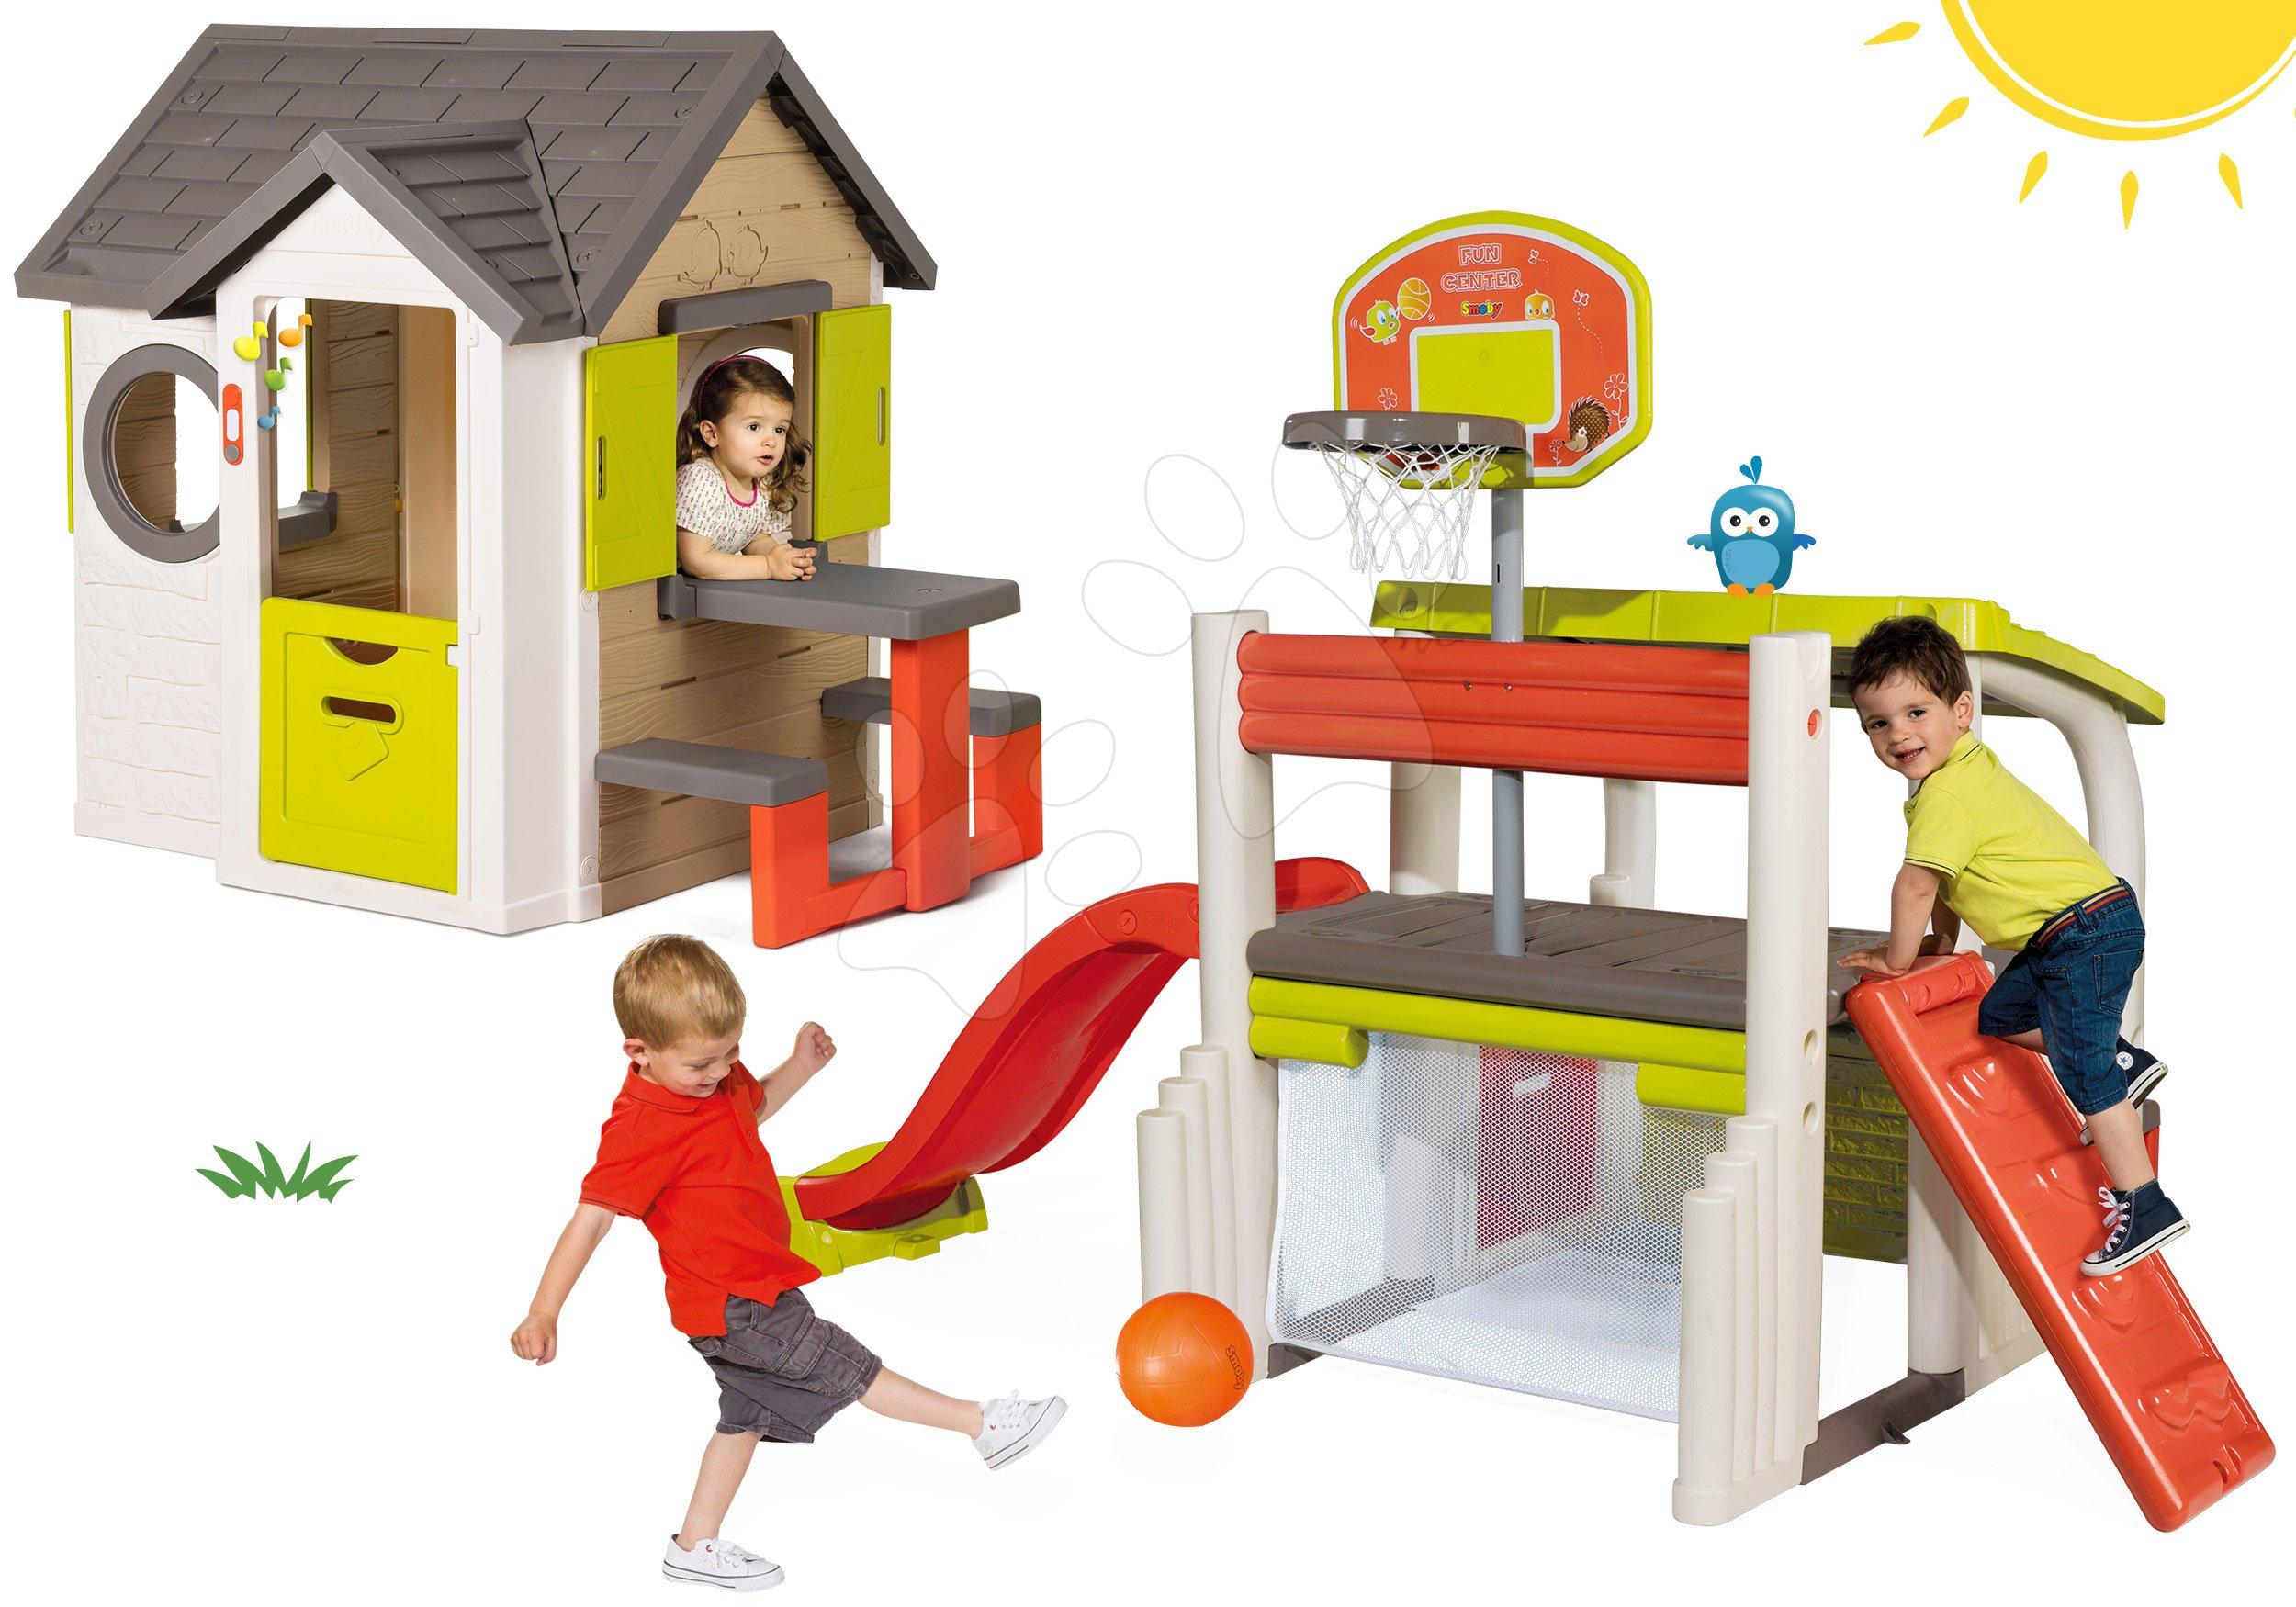 Smoby set domeček My House se zvonkem a 2 dveřmi a hrací centrum Fun Center se skluzavkou 810401-13